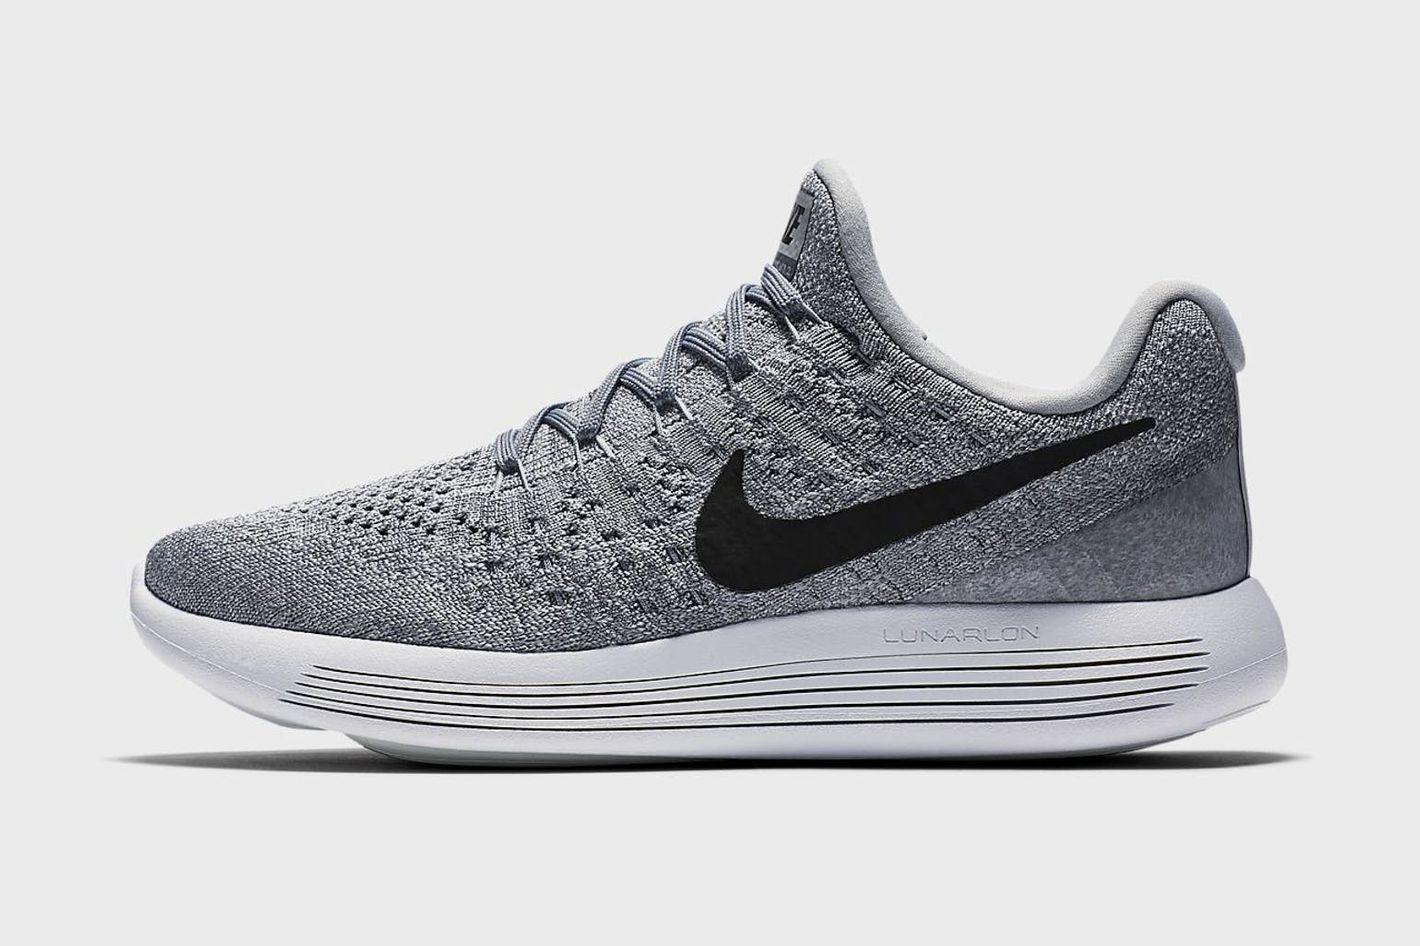 buy popular 7c7b4 86fd1 Nike LunarEpic Low Flyknit 2 Women s Running Shoe at Spring